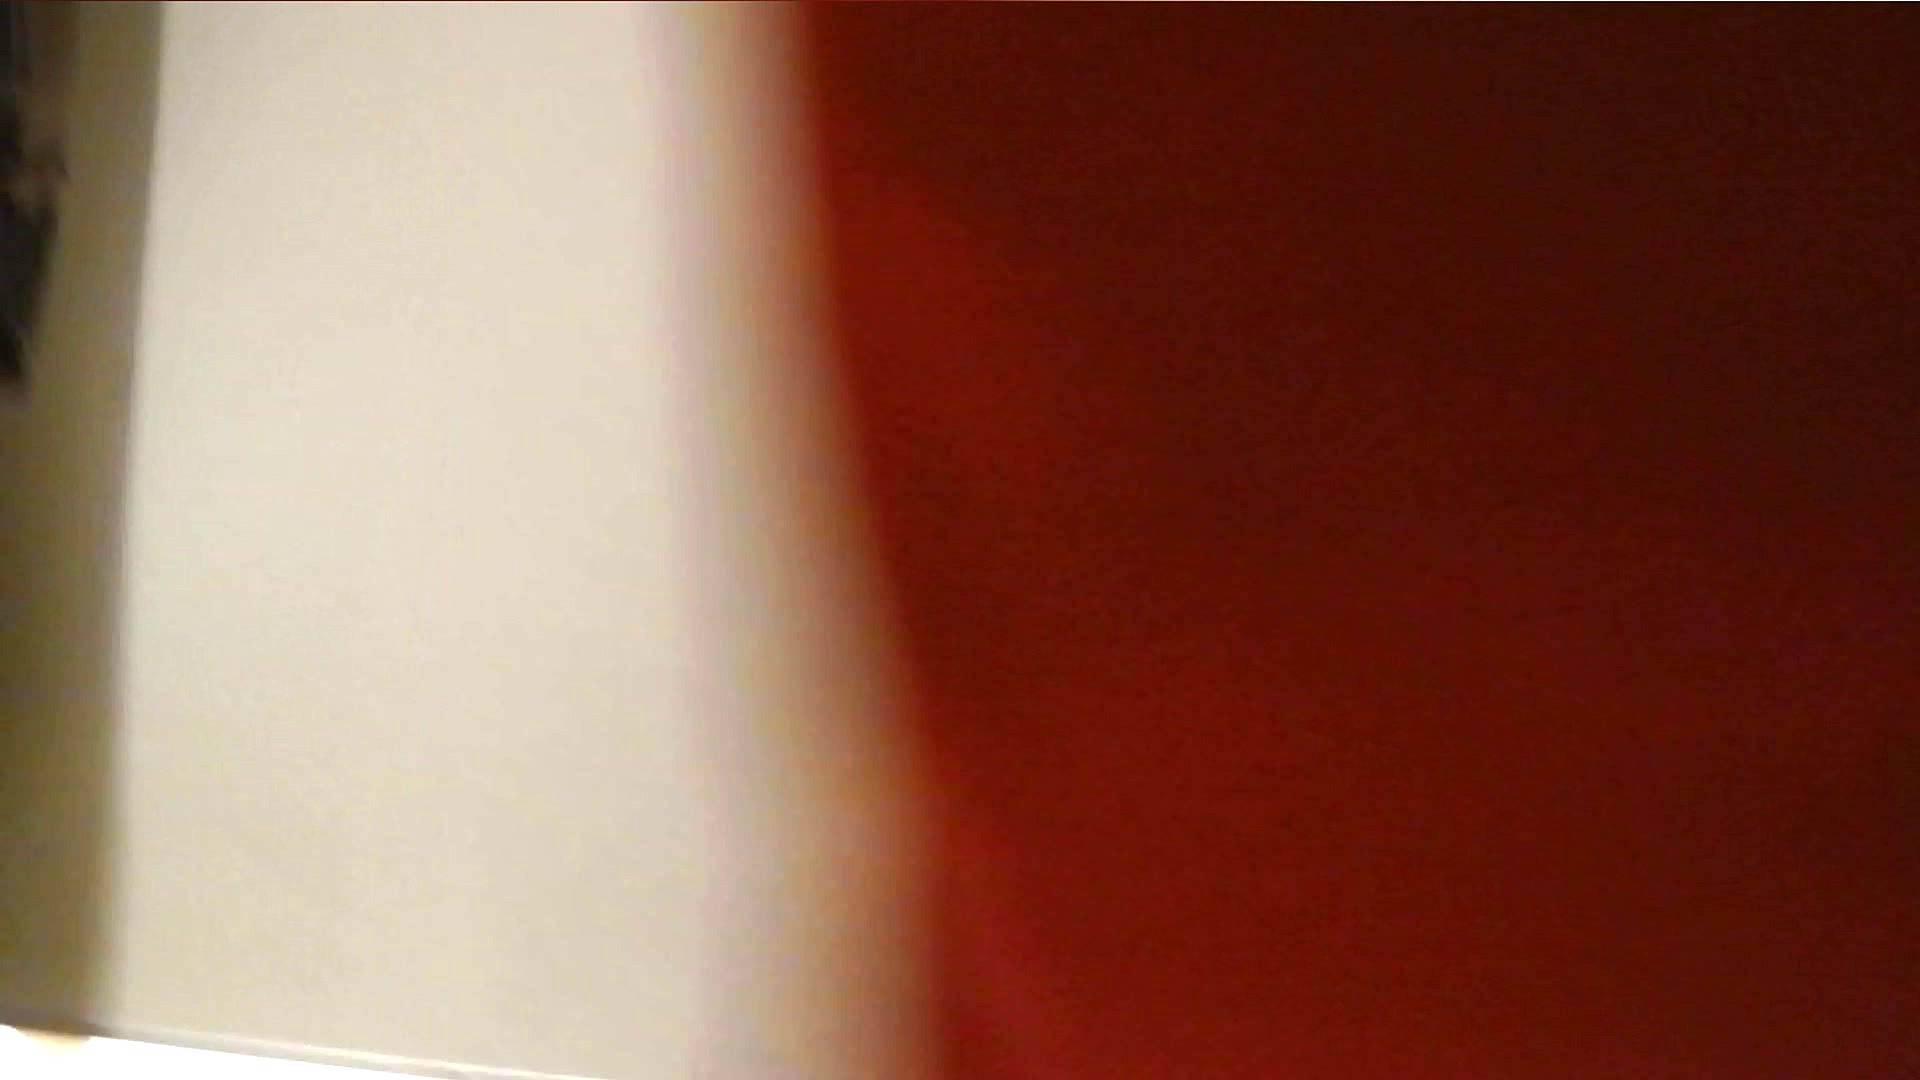 洗寿観音さんの 化粧室は四面楚歌Nol.6 洗面所  93pic 69